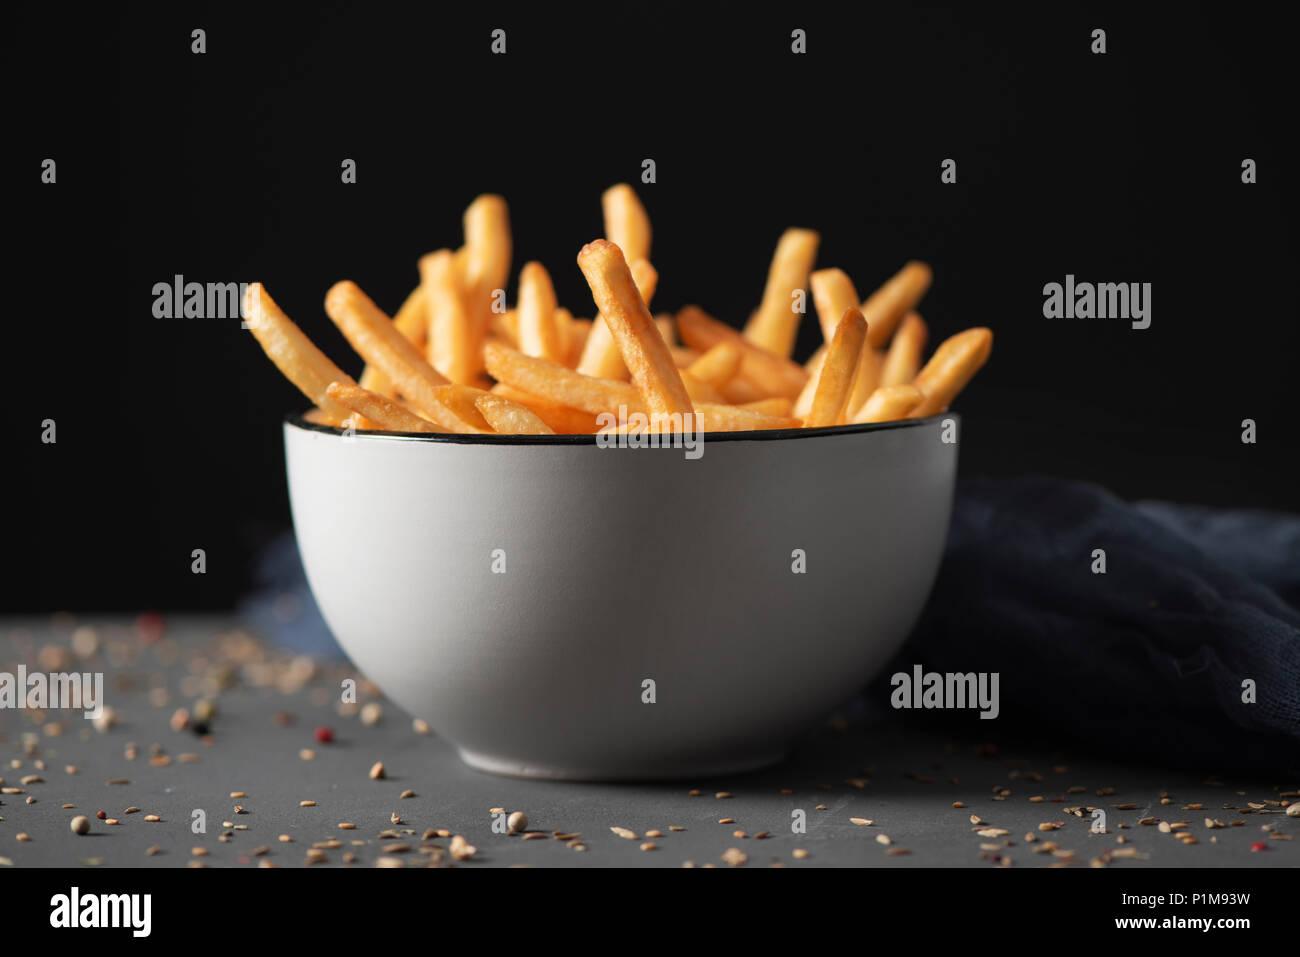 Alcuni appetitosi patatine fritte servite in un bianco di ceramica ciotola, collocato sul grigio di una tavola in legno rustico, contro uno sfondo nero Immagini Stock